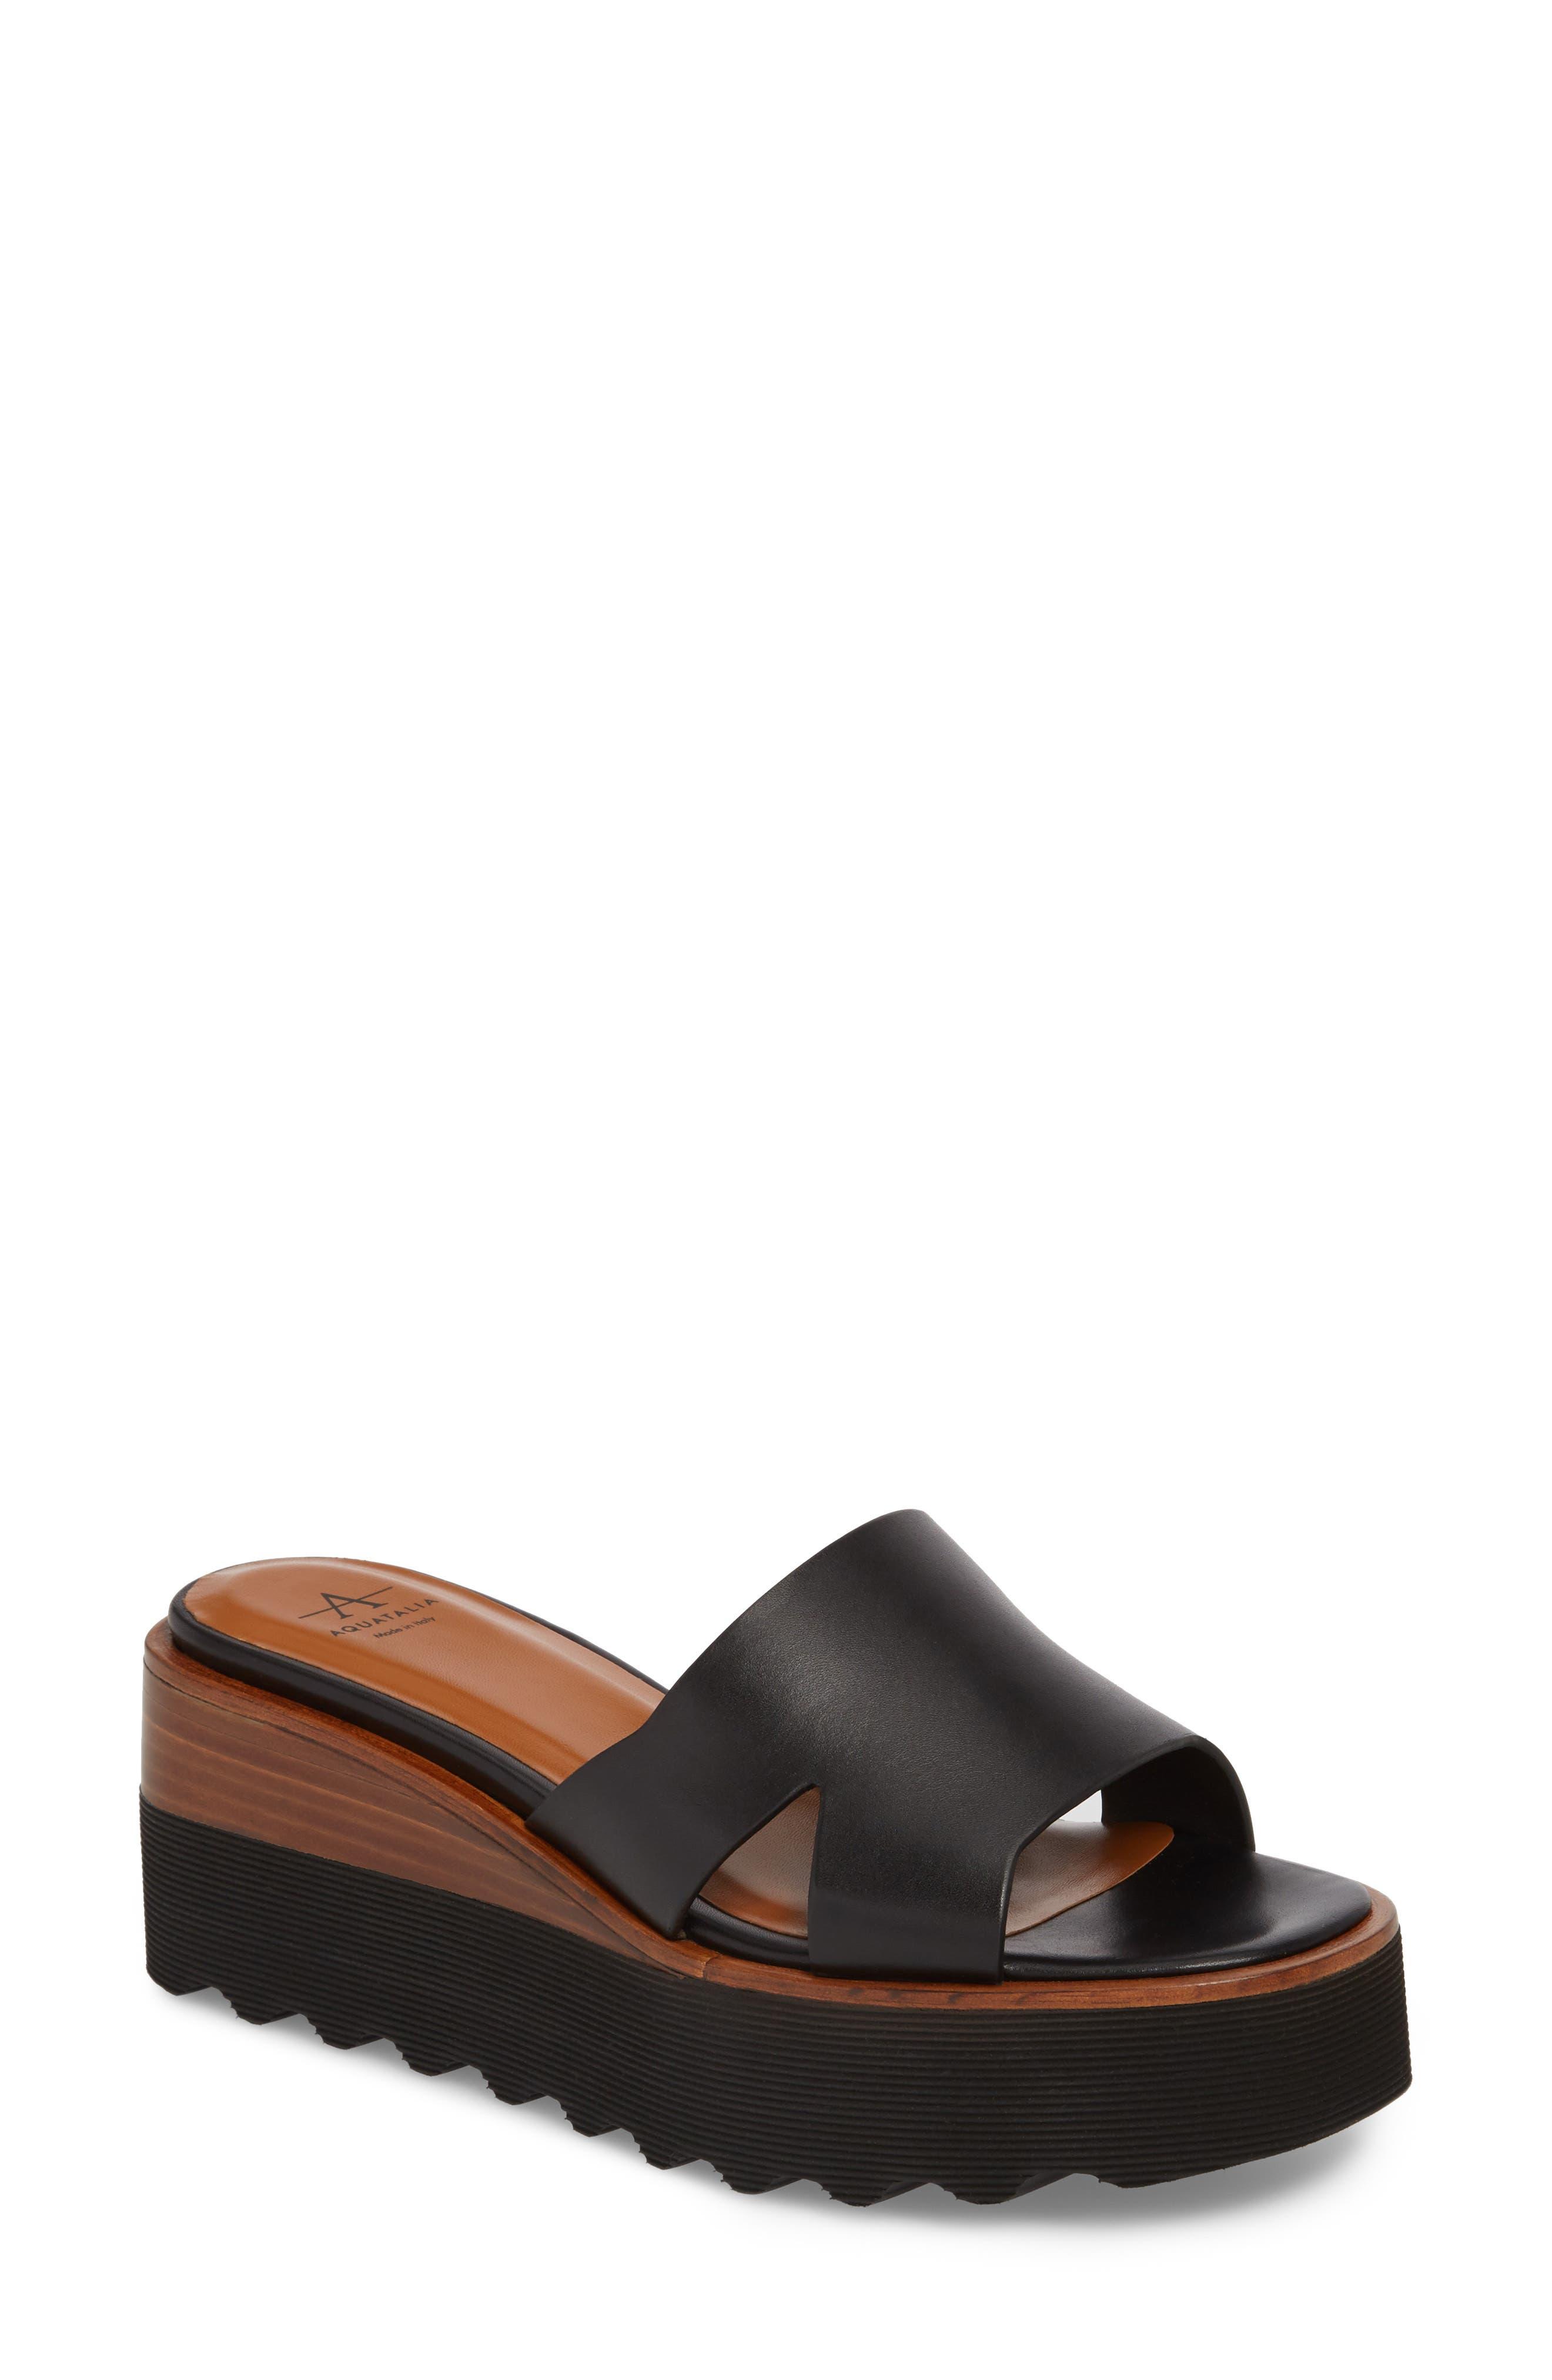 Tayla Platform Wedge Sandal,                         Main,                         color, 001